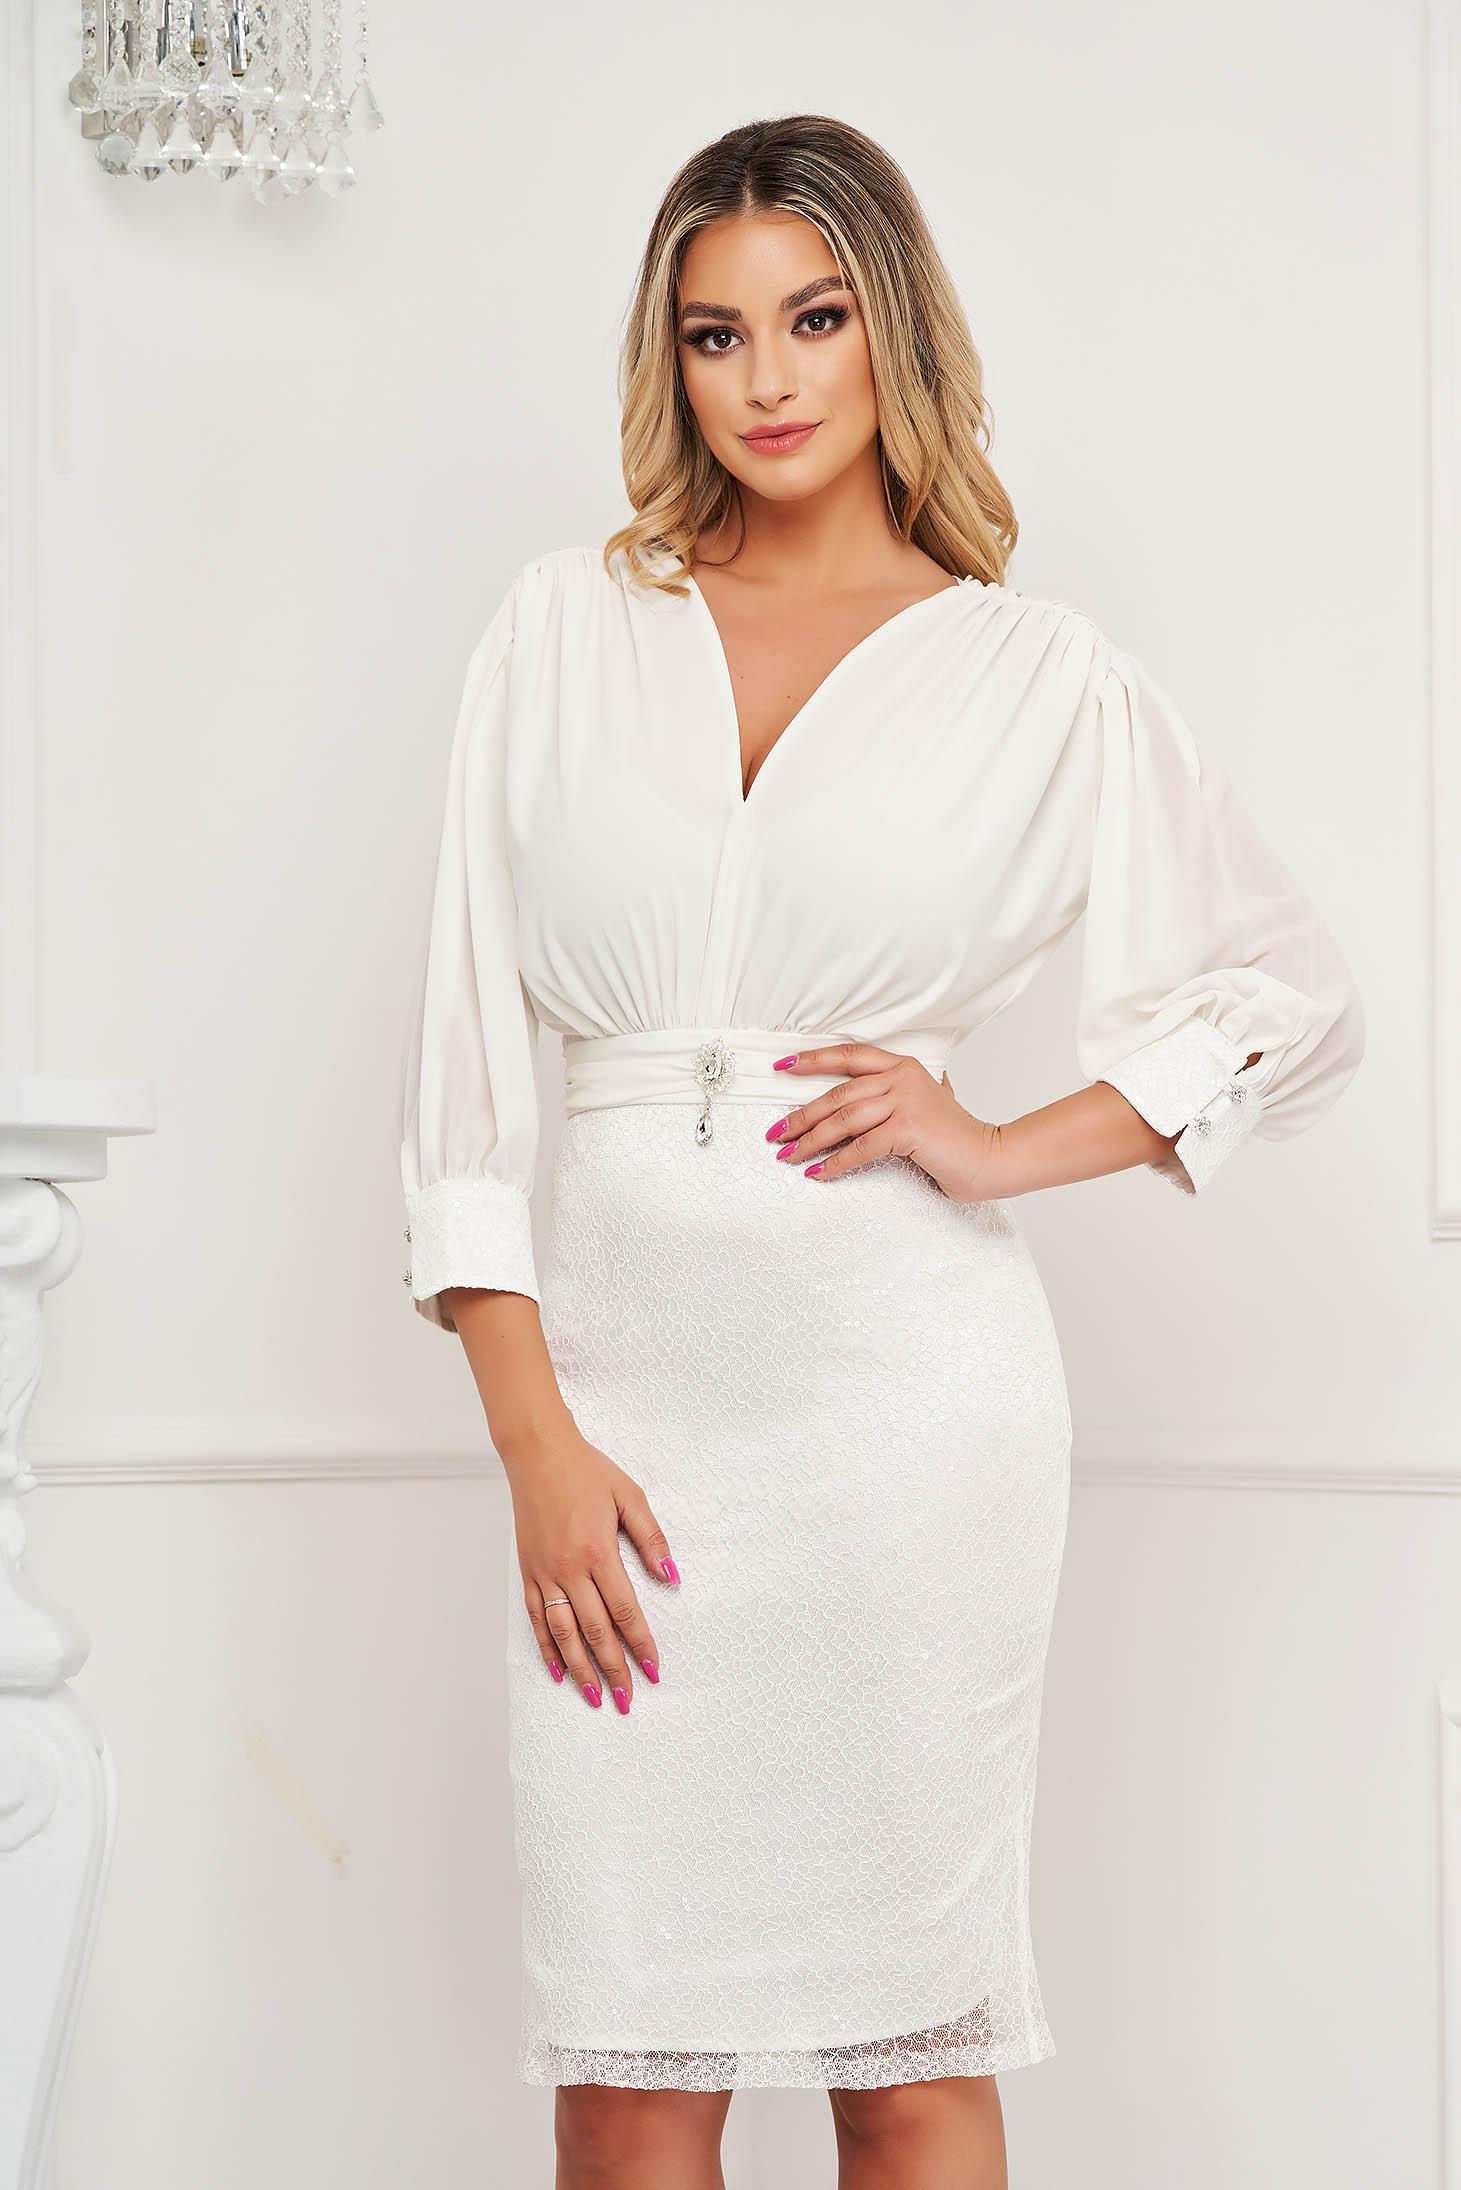 Fehér szatén ceruza ruha selyem muszlinból átfedéssel a szoknyában és bross kiegészítővel